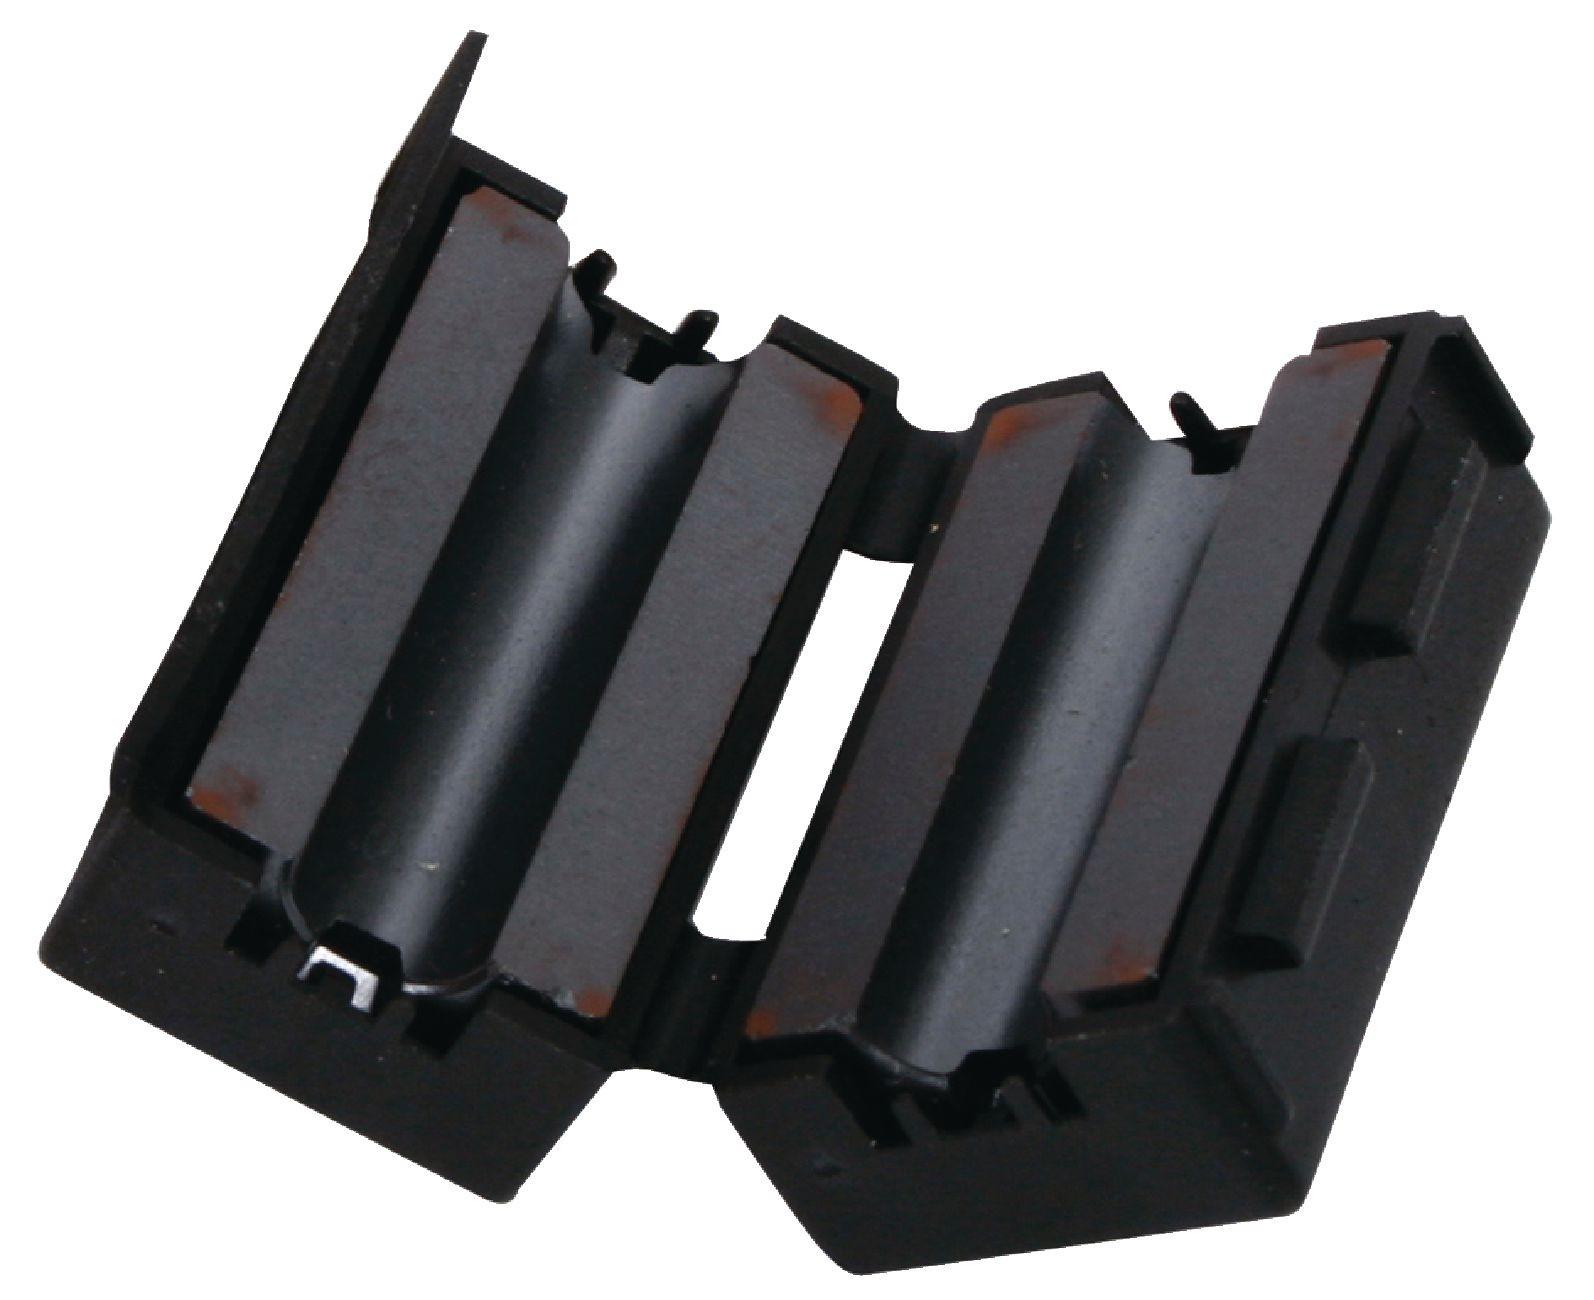 FERRIT interferencia szűrő 7.5mm -es kábelhez FER-FLF751B